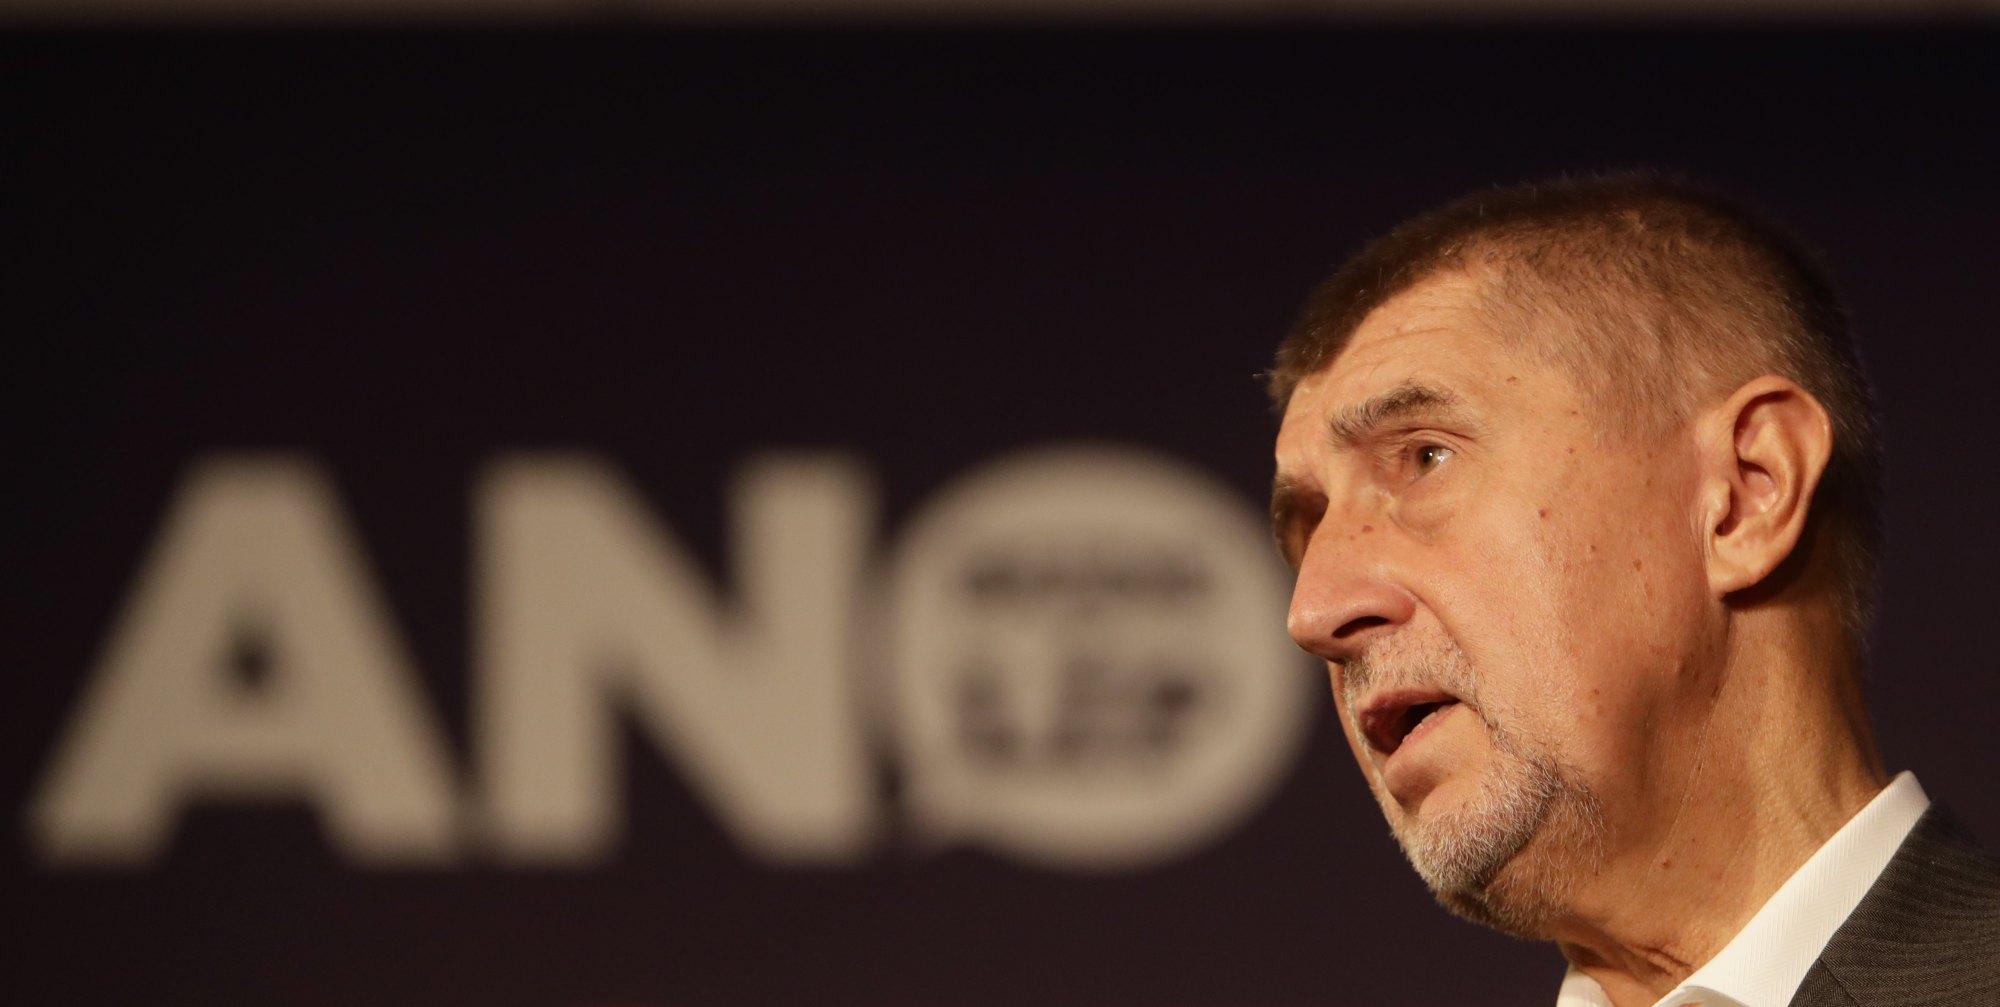 Le elezioni parlamentari in Repubblica Ceca. Cambio del clima politico